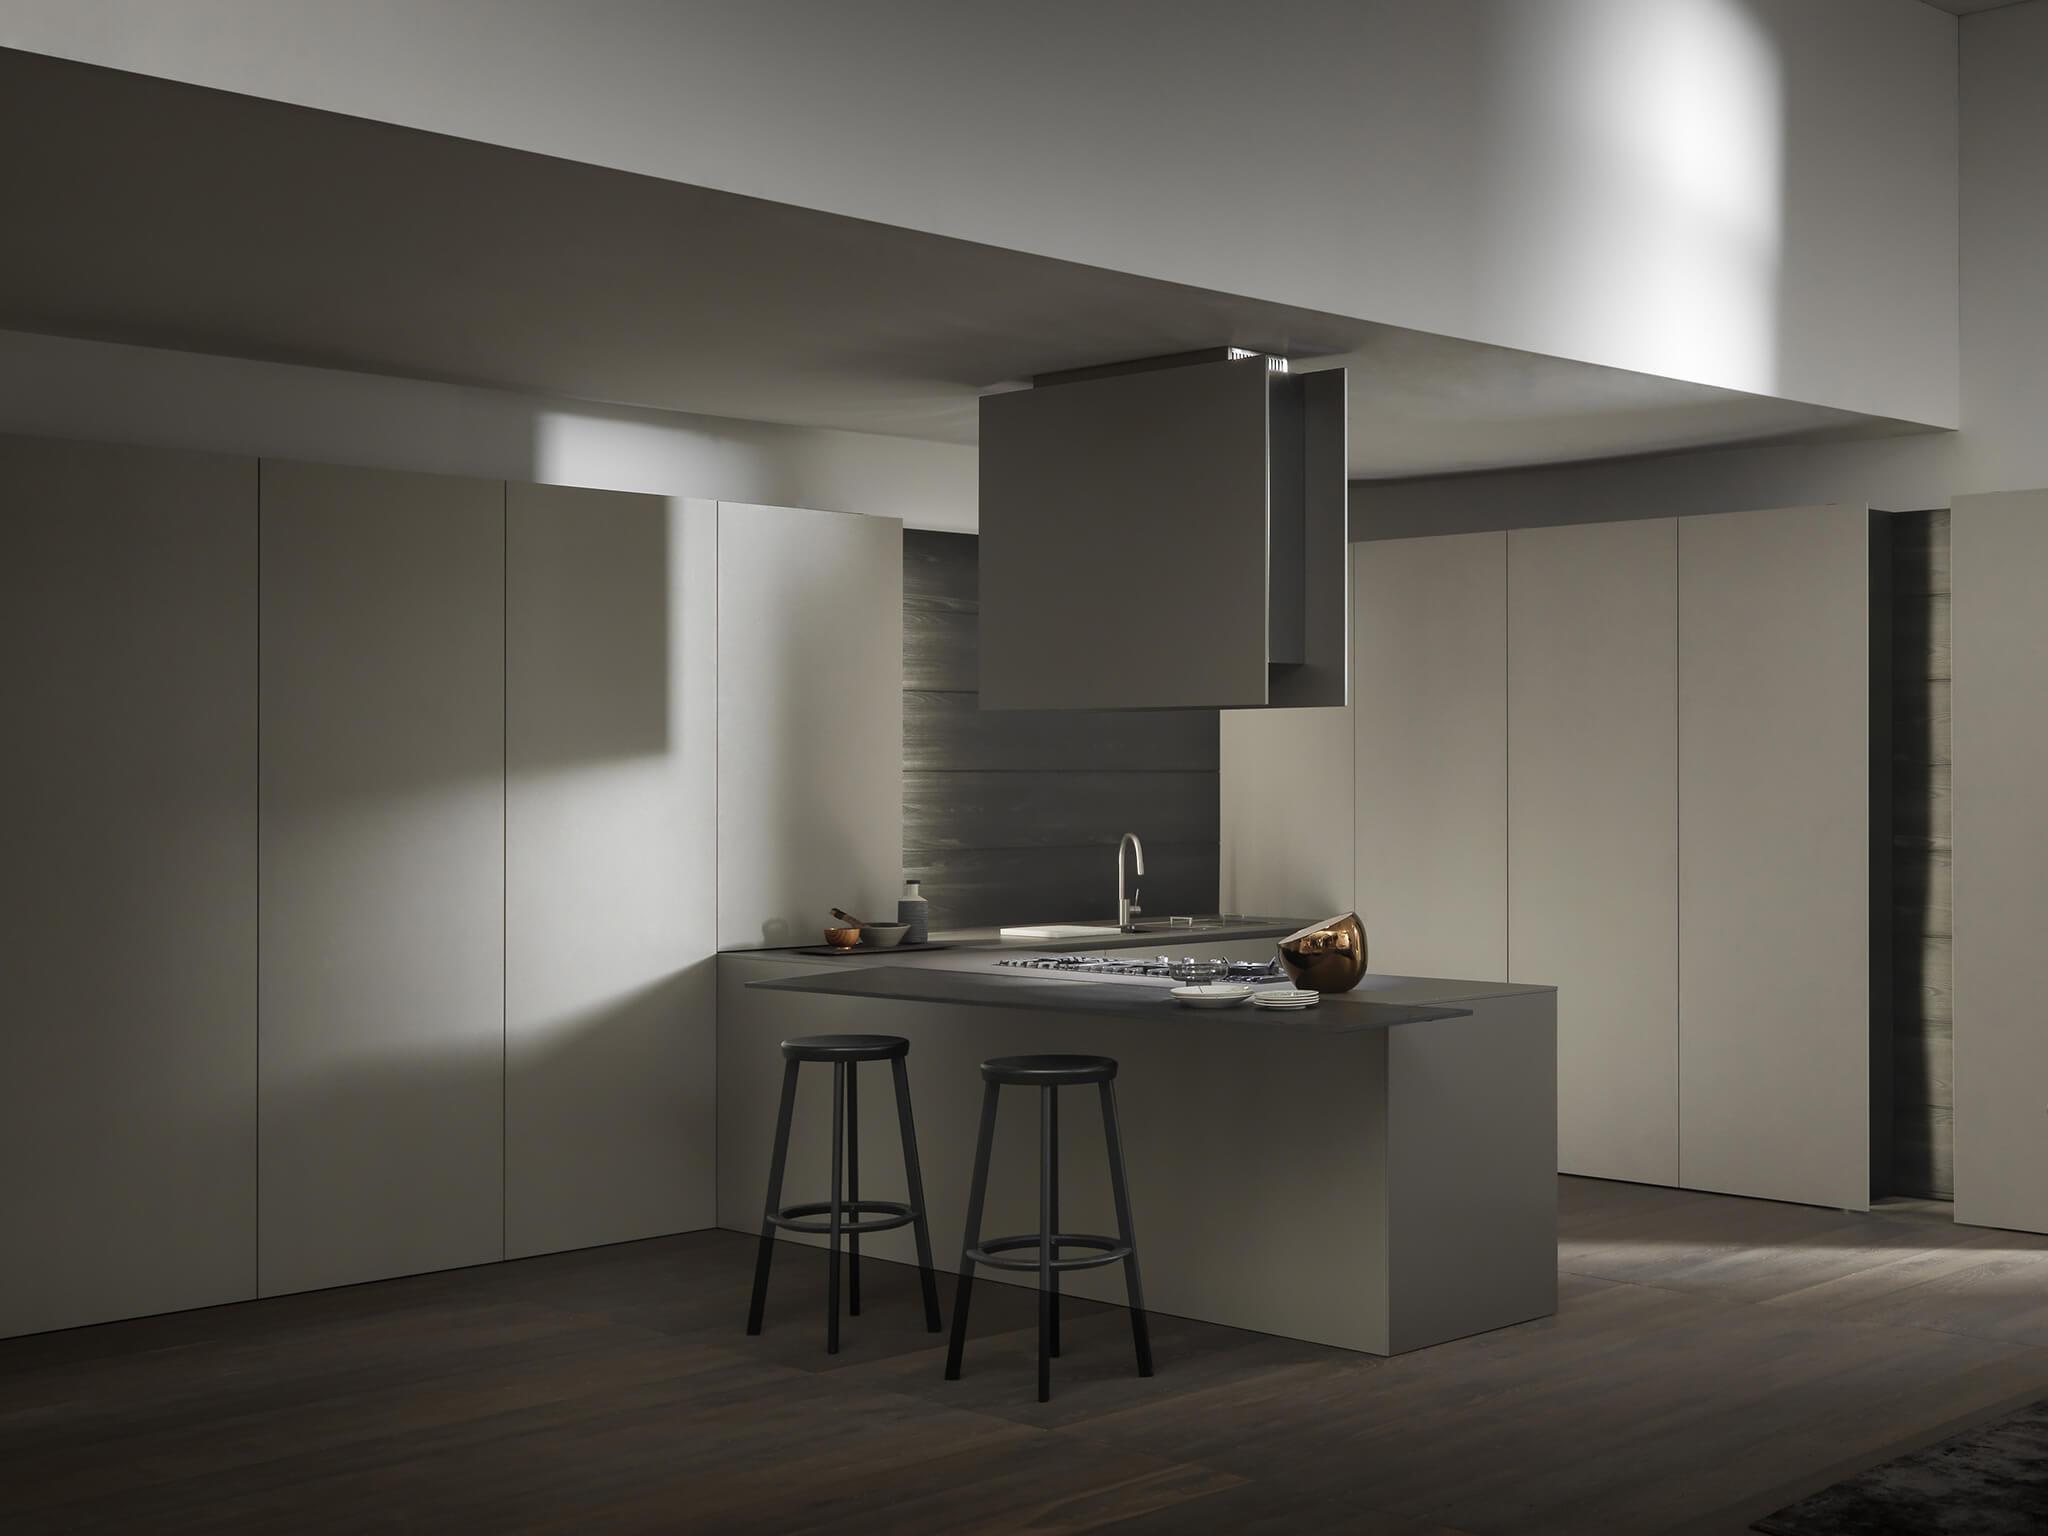 MH6 kitchen cabinetry modulnova archisesto chicago